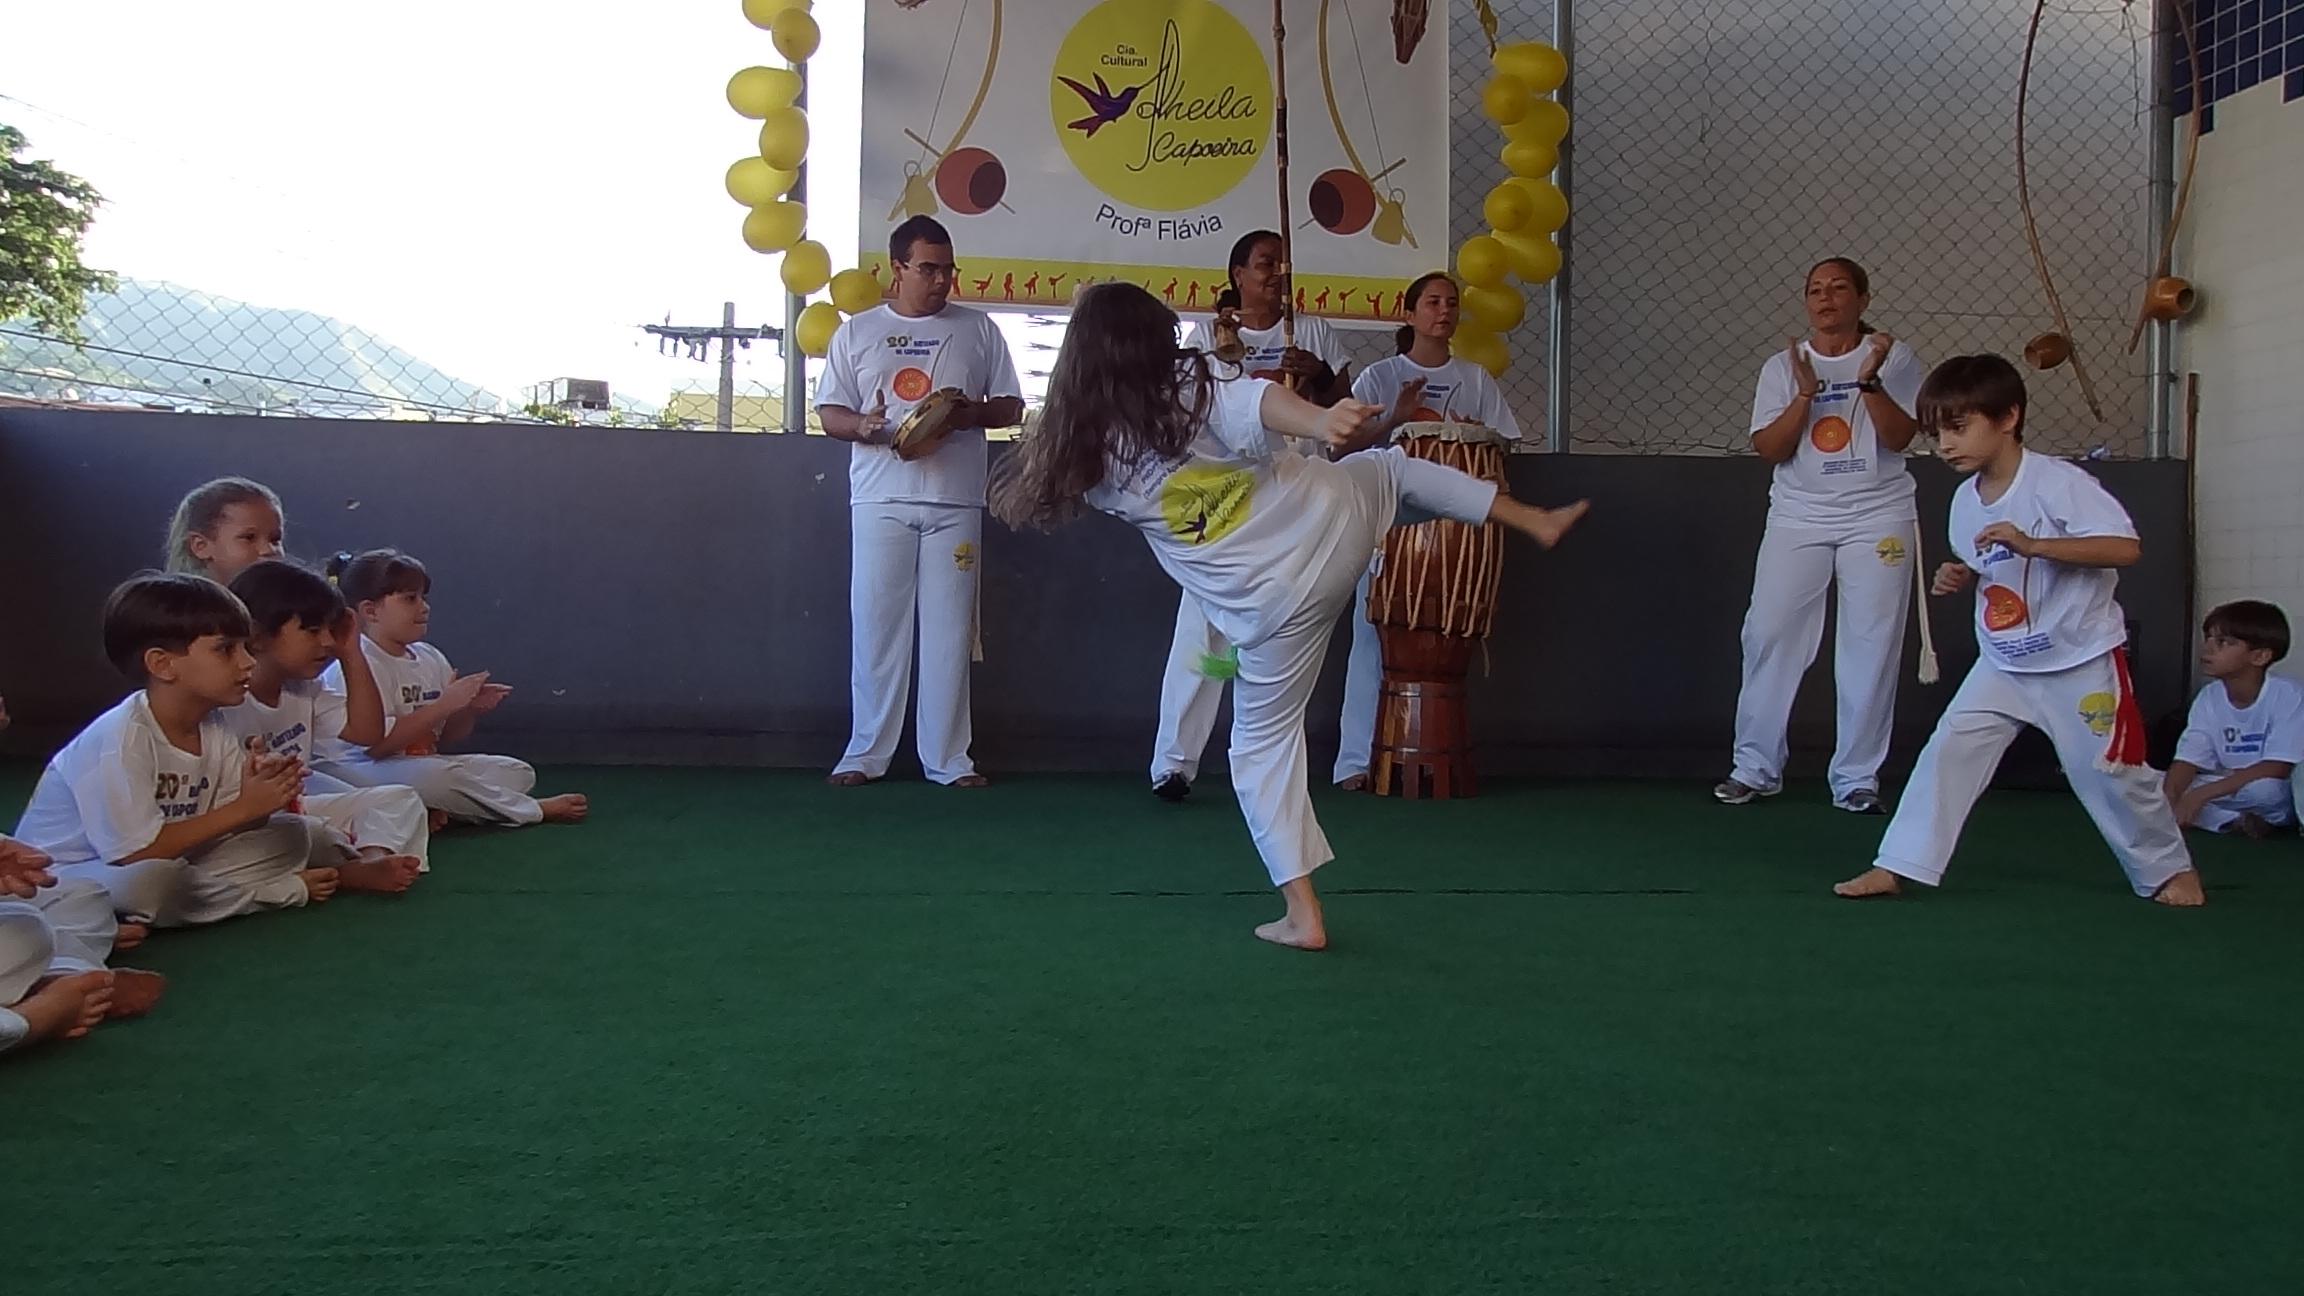 Amanda jogando capoeira com o amigo